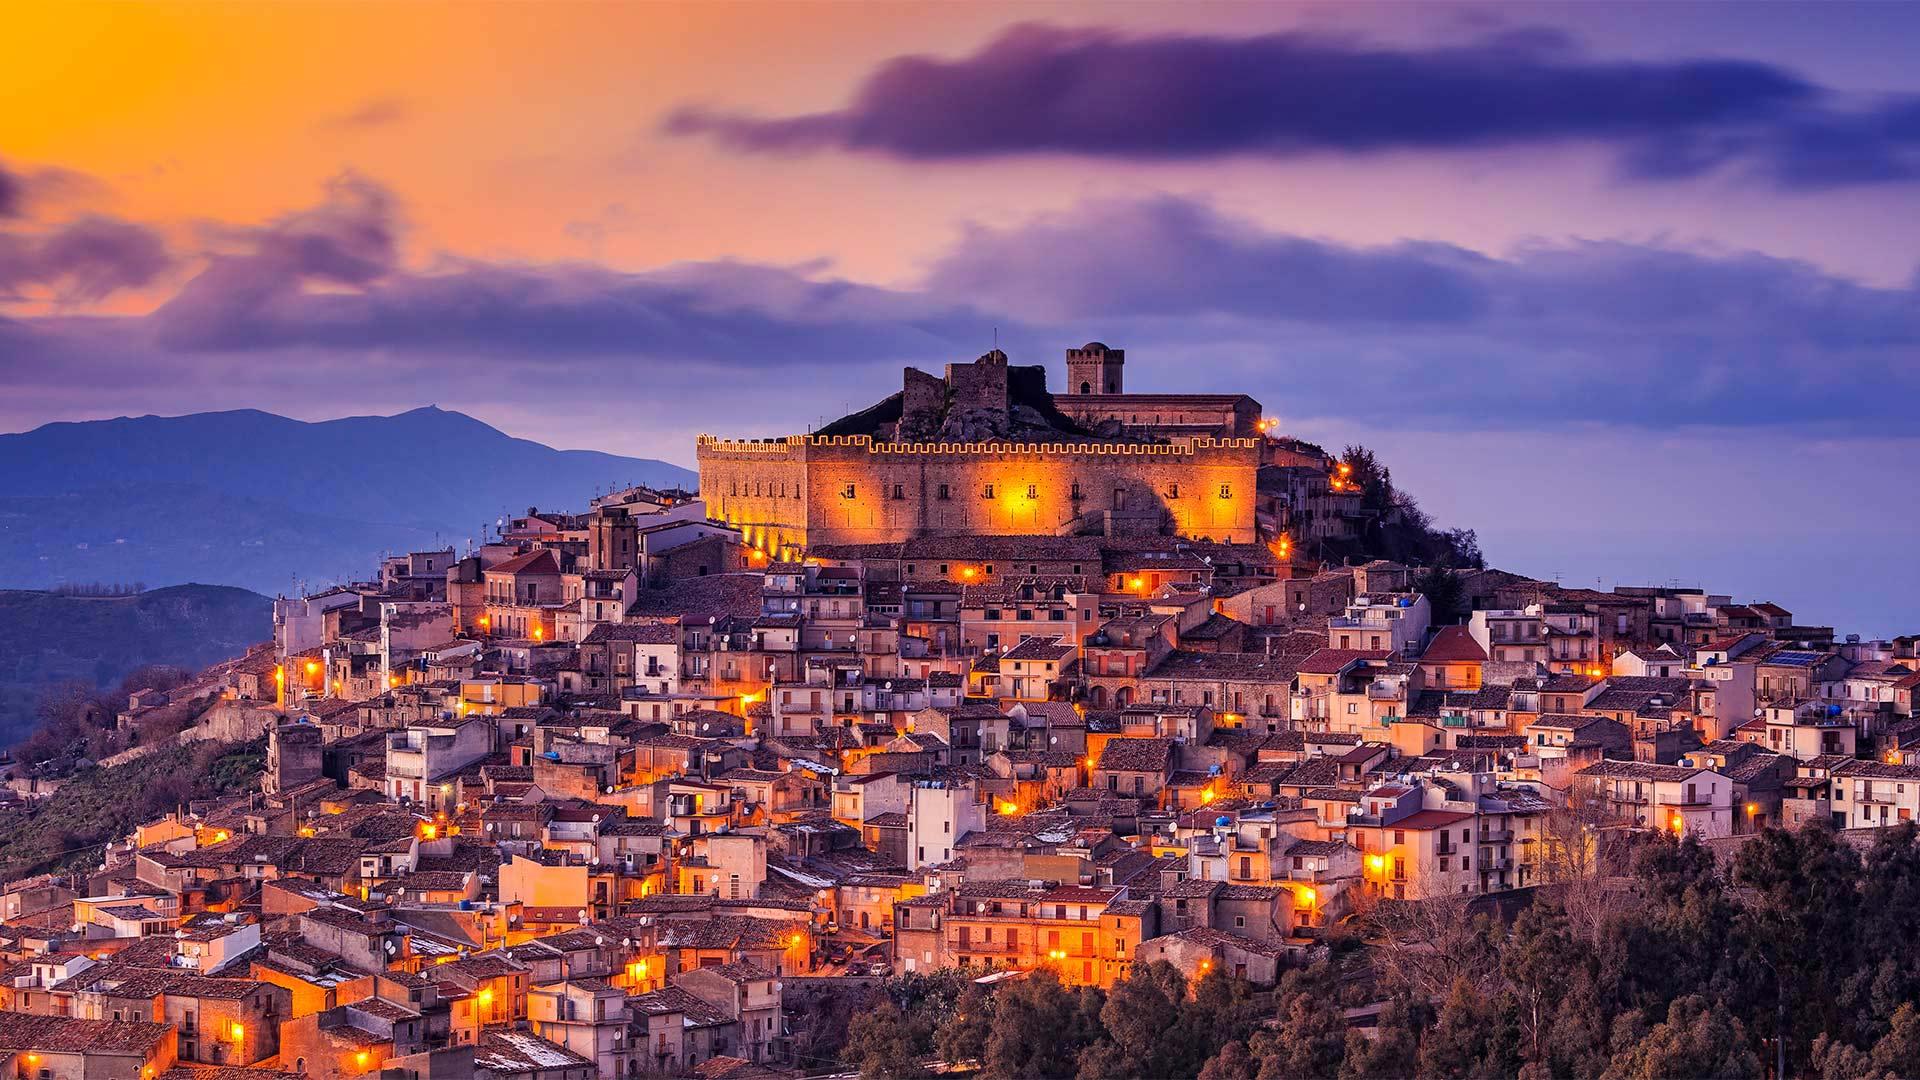 「モンタルバーノ・エリコーナ」イタリア, シチリア州 (© Antonino Bartuccio/SOPA Collection/offset by shutterstock)